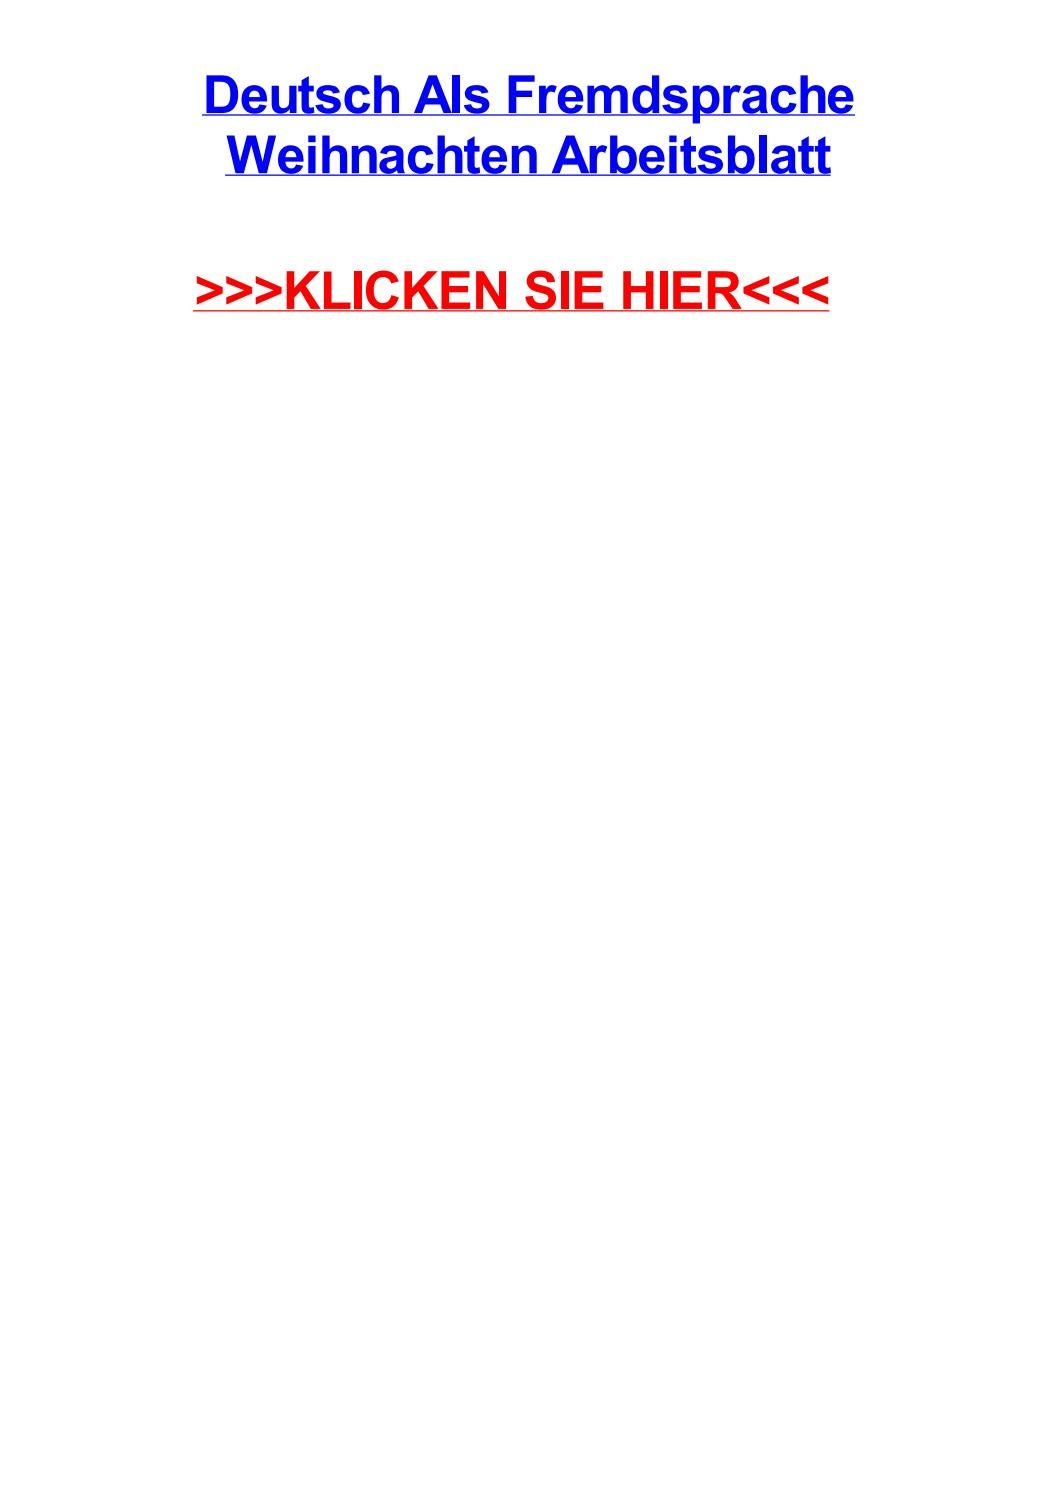 Deutsch als fremdsprache weihnachten arbeitsblatt by jacquelinerhupr ...